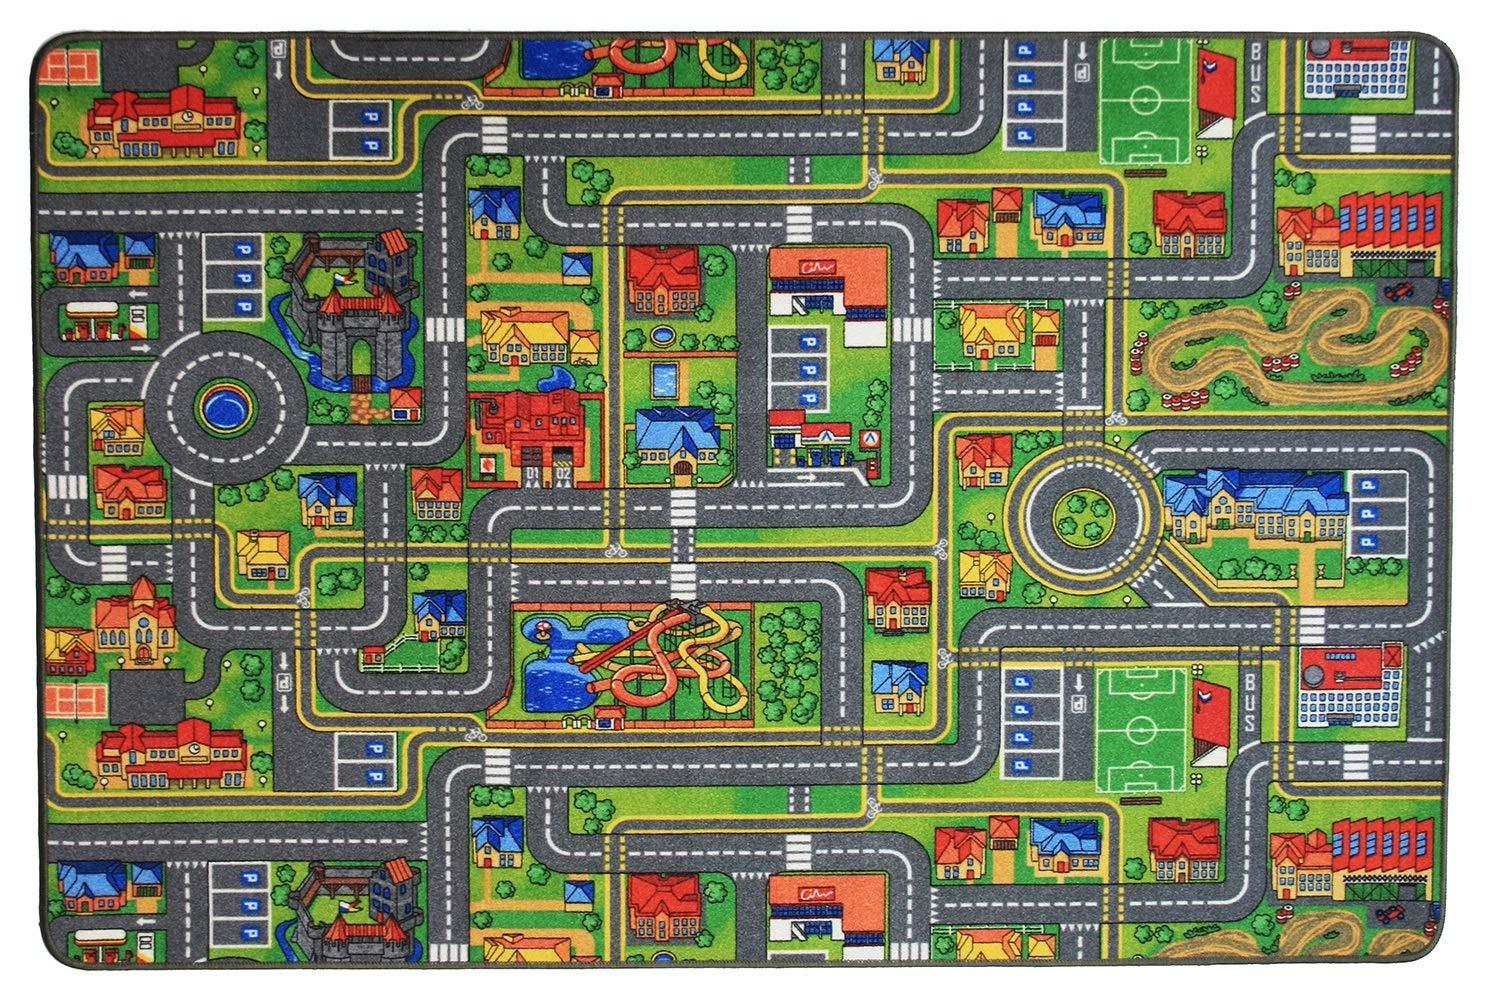 Spielteppich Autoteppich Straßenteppich Streets - 200x300cm, Anti-Schmutz-Schicht, Auto-Spielteppich für Mädchen & Jungen, Kinderteppich Strasse Fußbodenheizung geeignet